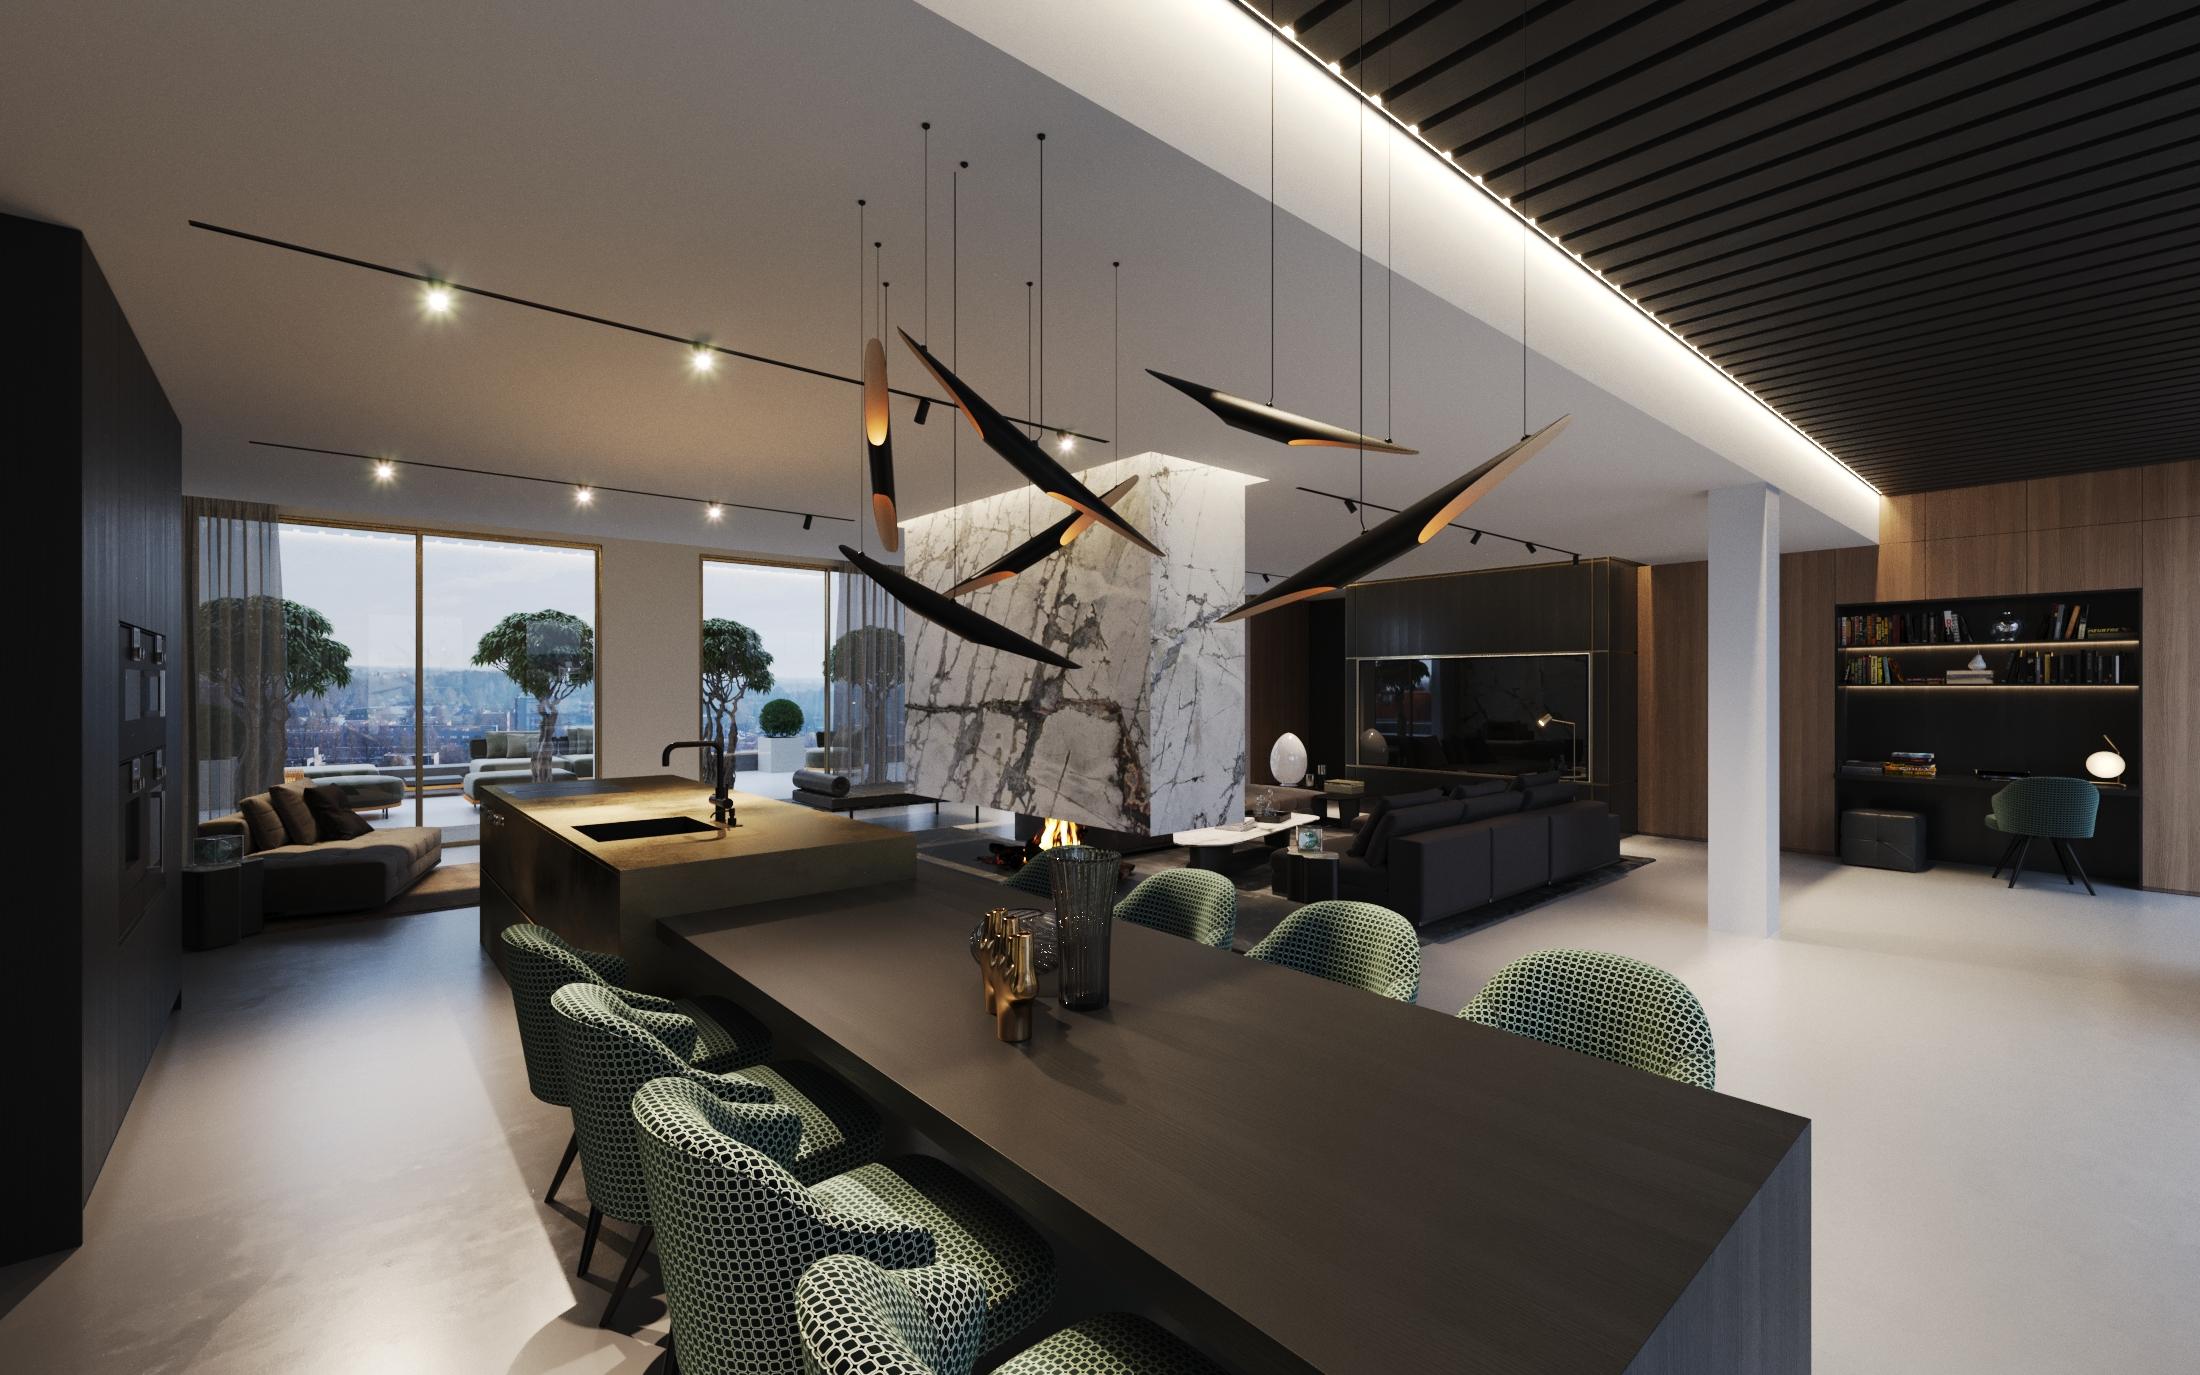 Penthouse met luxe inrichting, DUIN INTERIOR Groningen